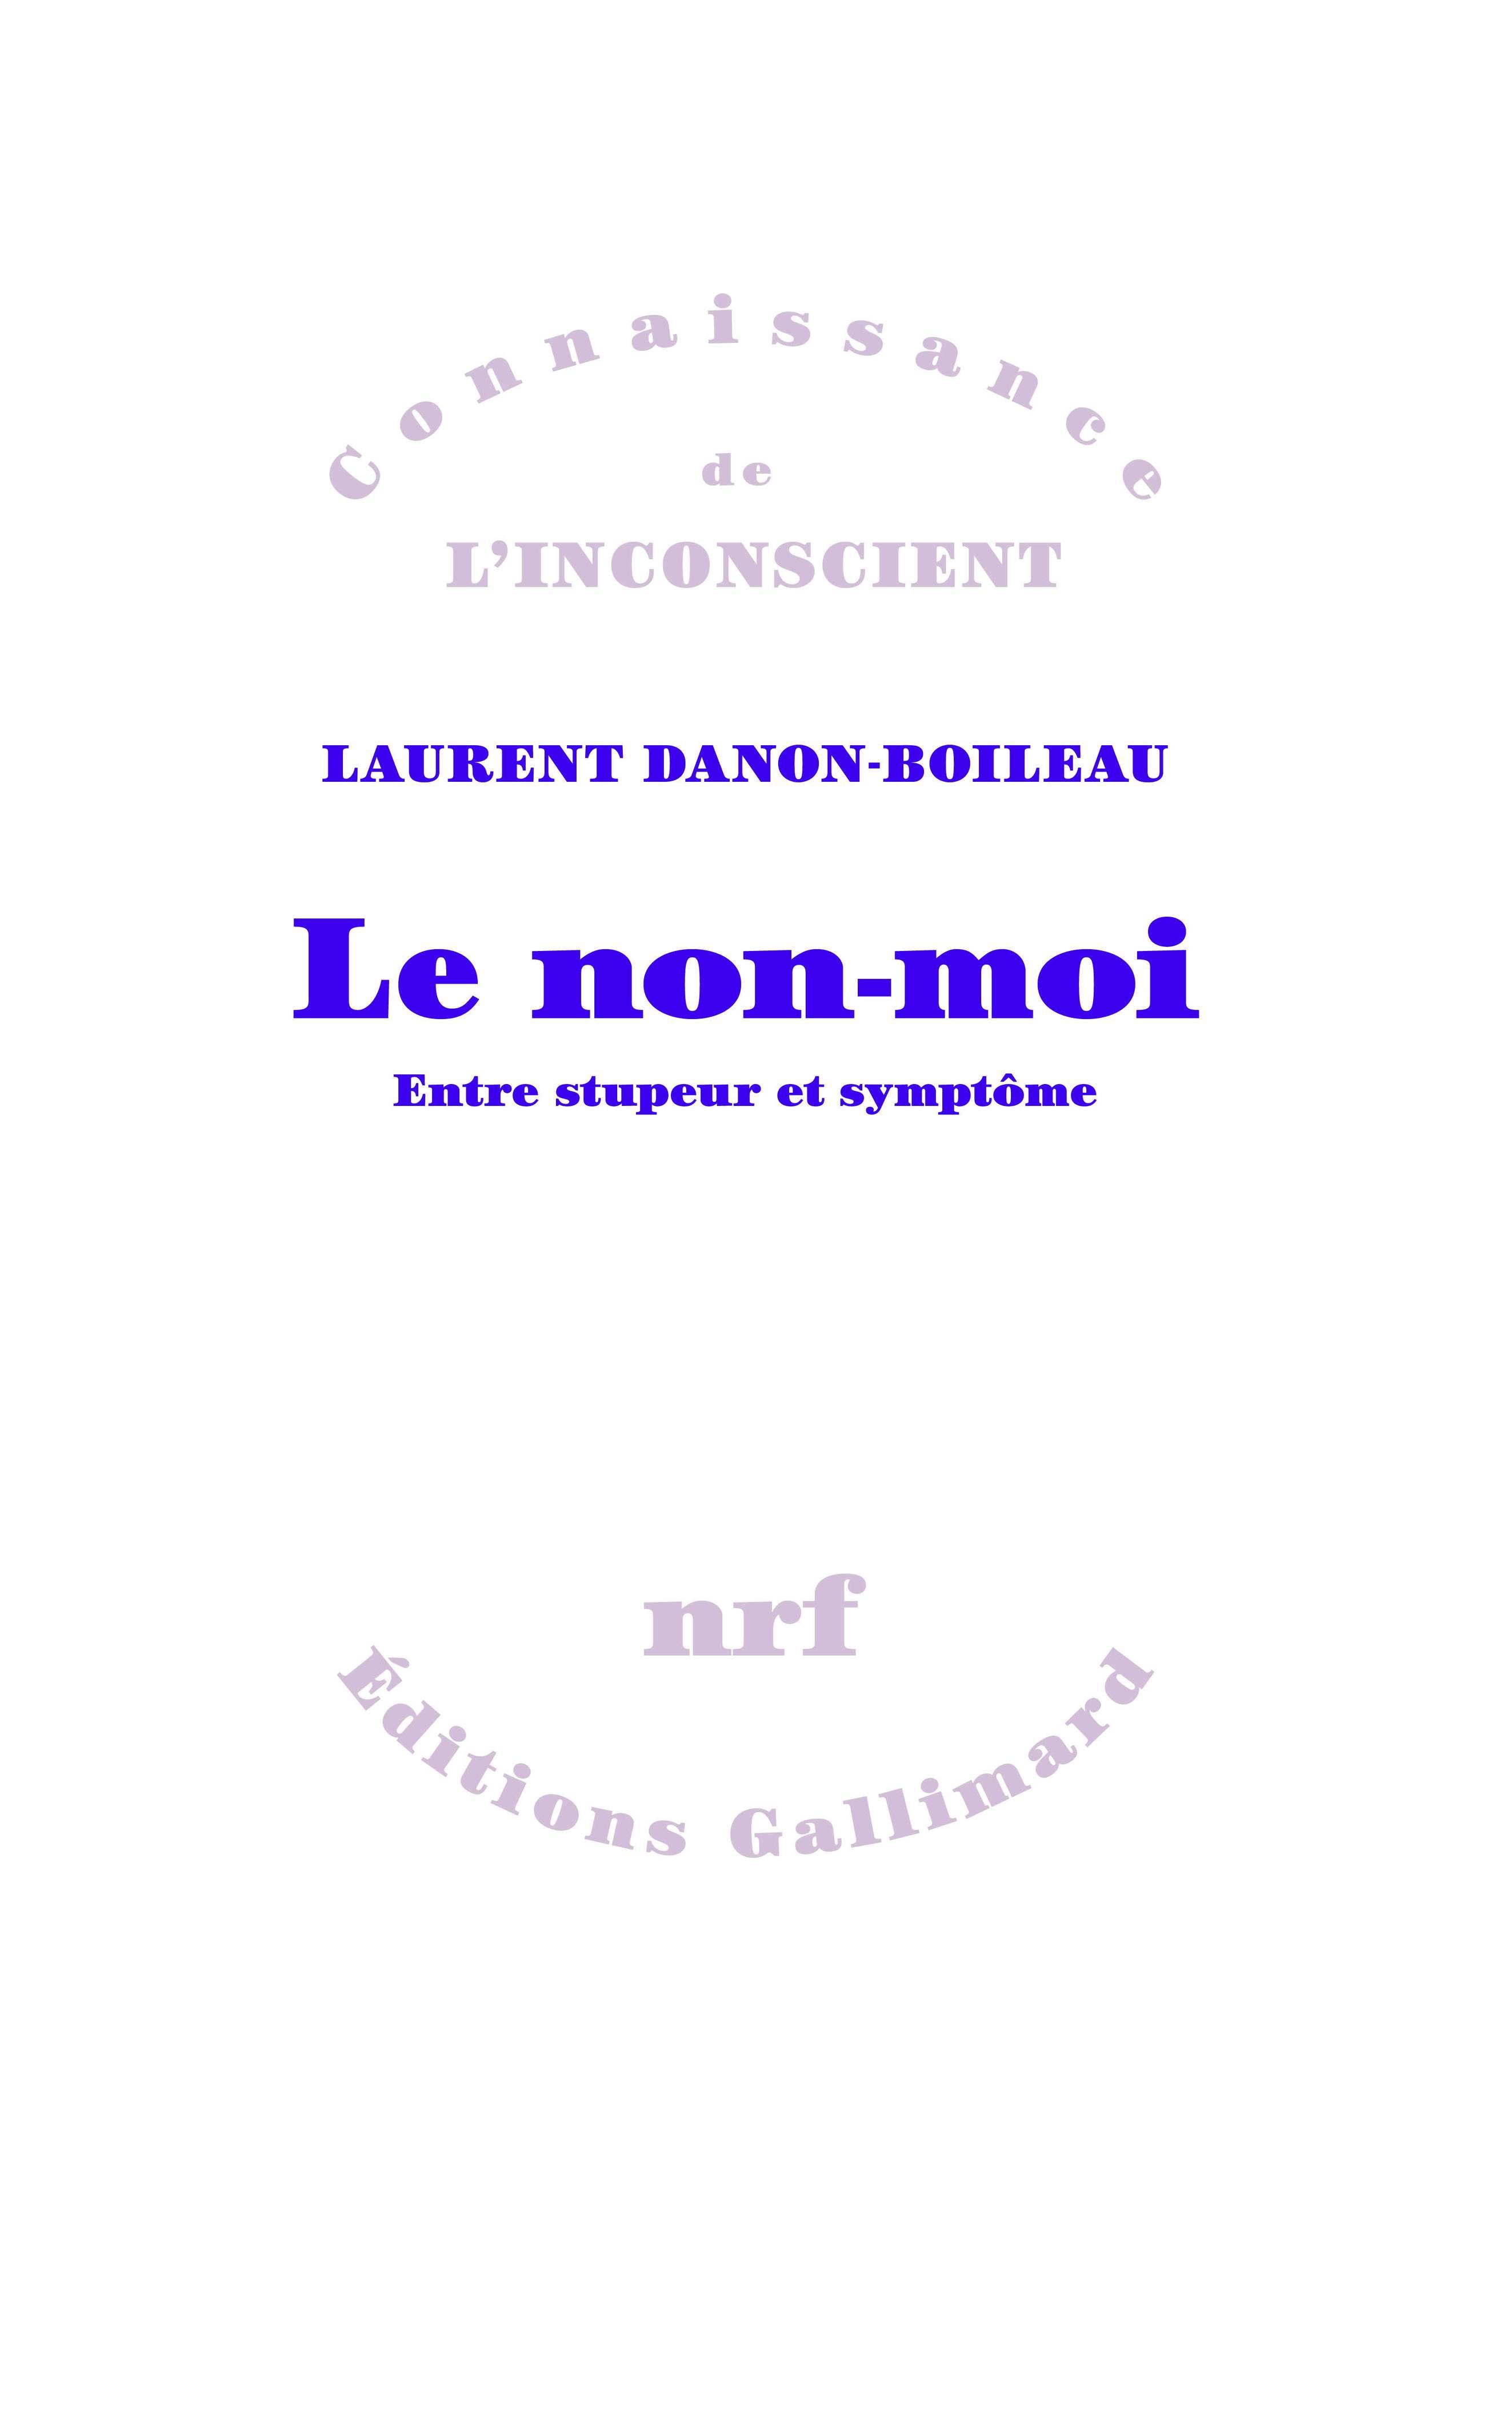 L. Danon-Boileau, Le non-moi. Entre stupeur et symptôme